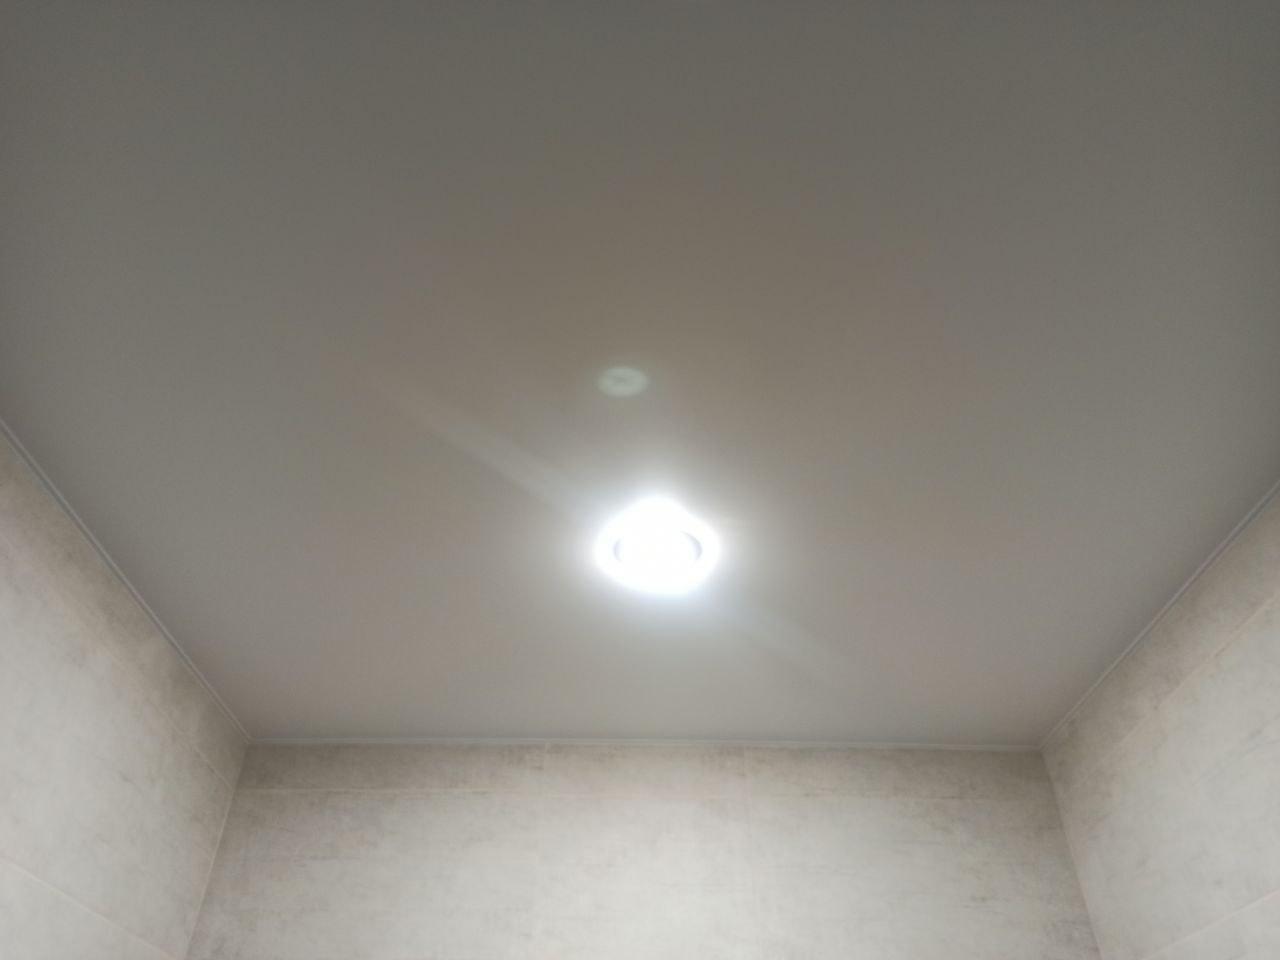 Сатиновый потолок в санузле с двумя светильниками и вытяжкой